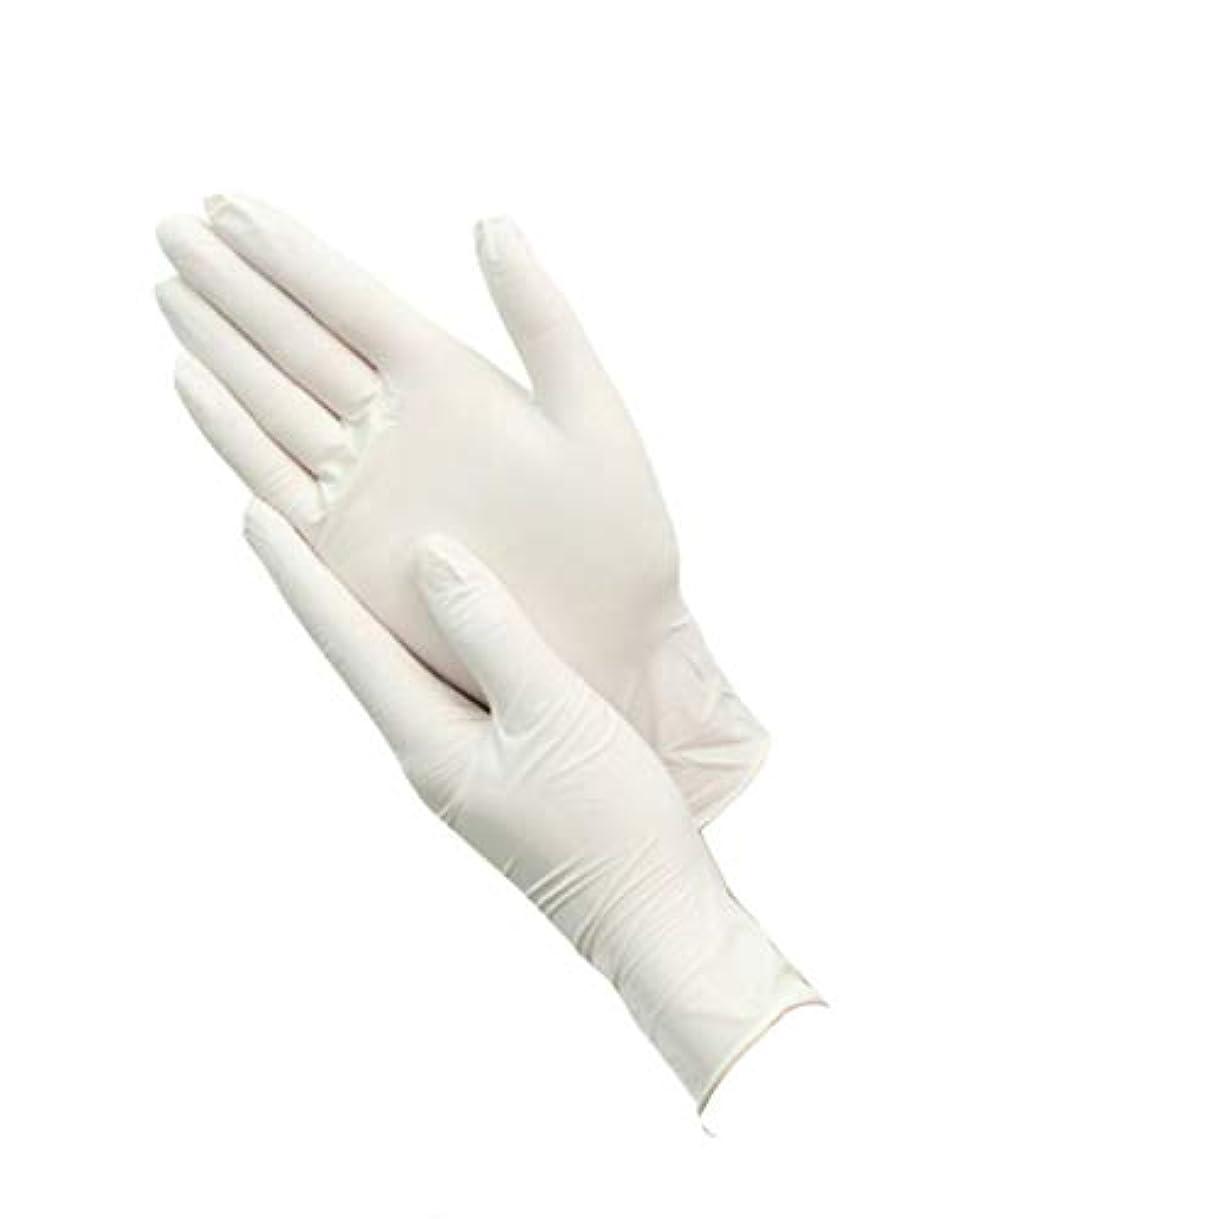 リル究極の雑多な使い捨て手袋グッド100グラム増量ニトリルブタジエンゴム (サイズ さいず : XL)